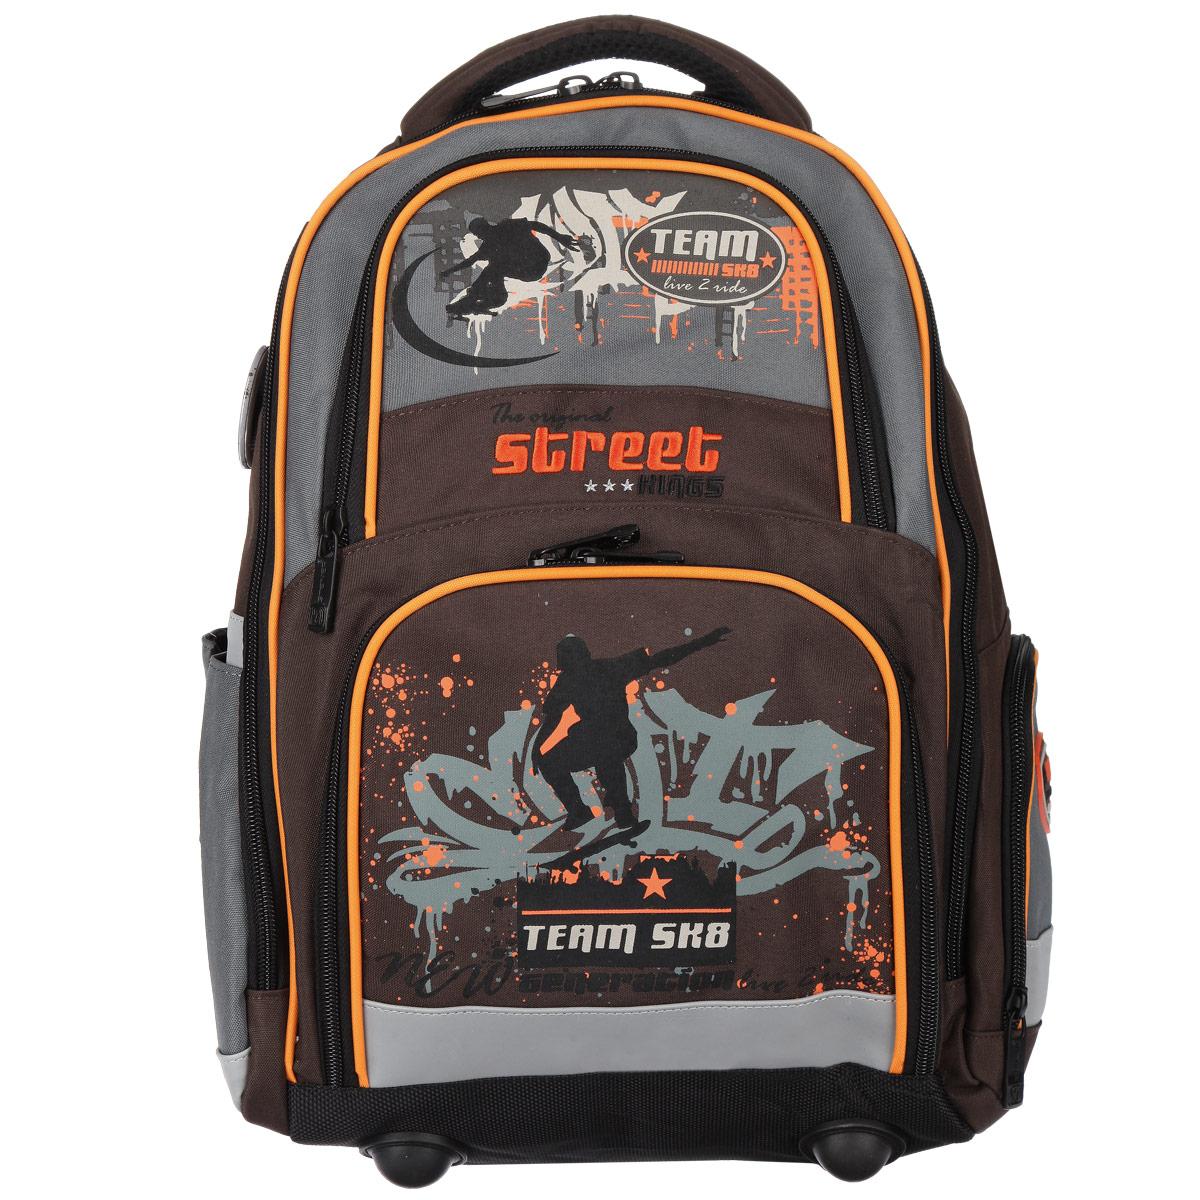 """Рюкзак школьный Steiner """"STREET"""", цвет: коричневый, серый, черный. GB4101-153"""